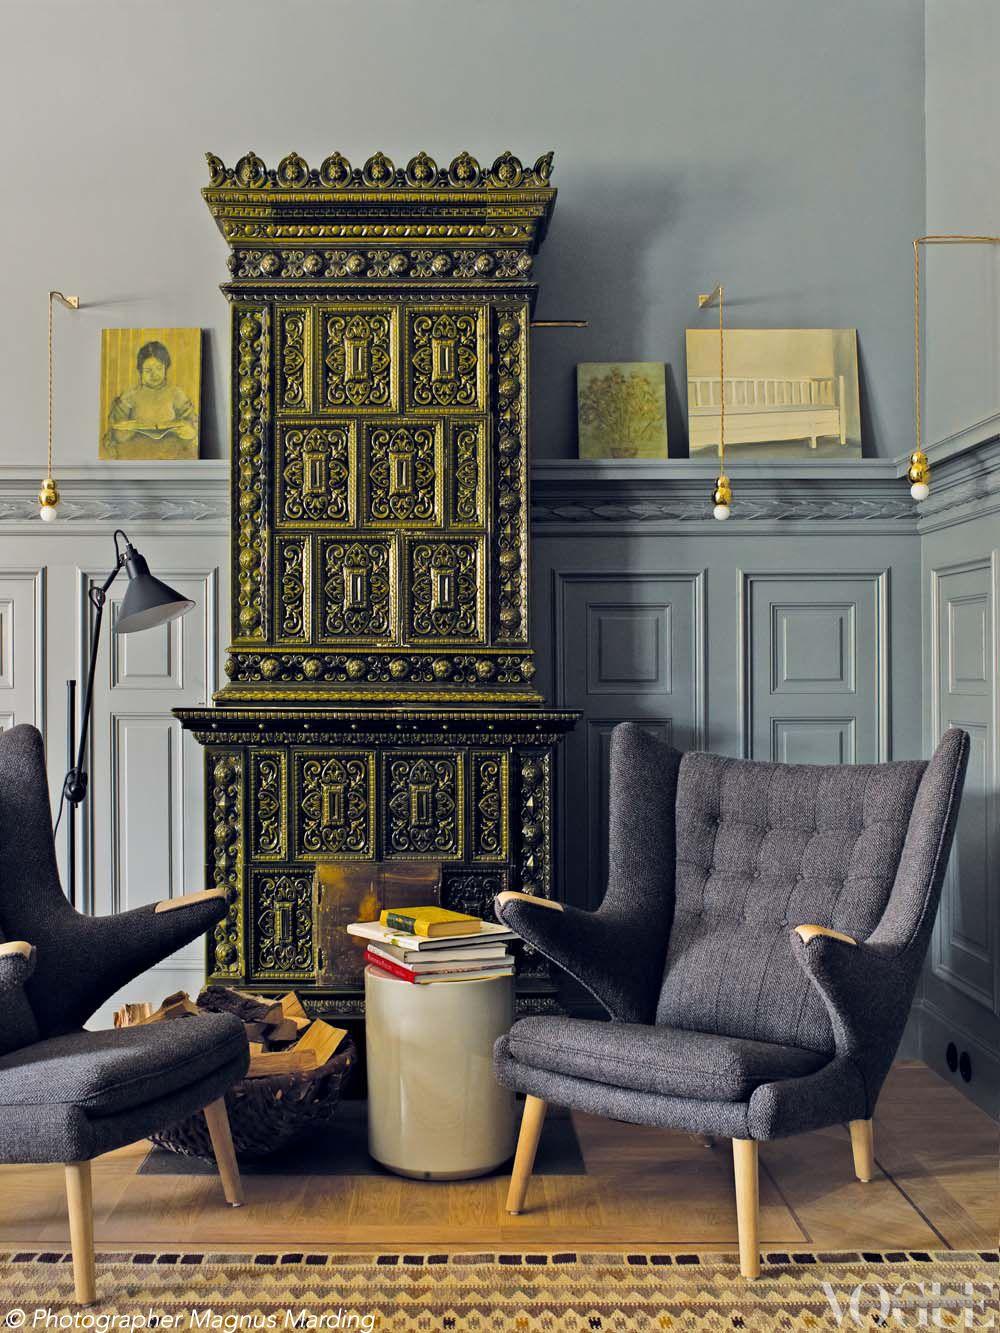 J'adoooooore les fauteuils Pour les fauteuils, faire les brocantes danoises. Moi j'adore le poêle.